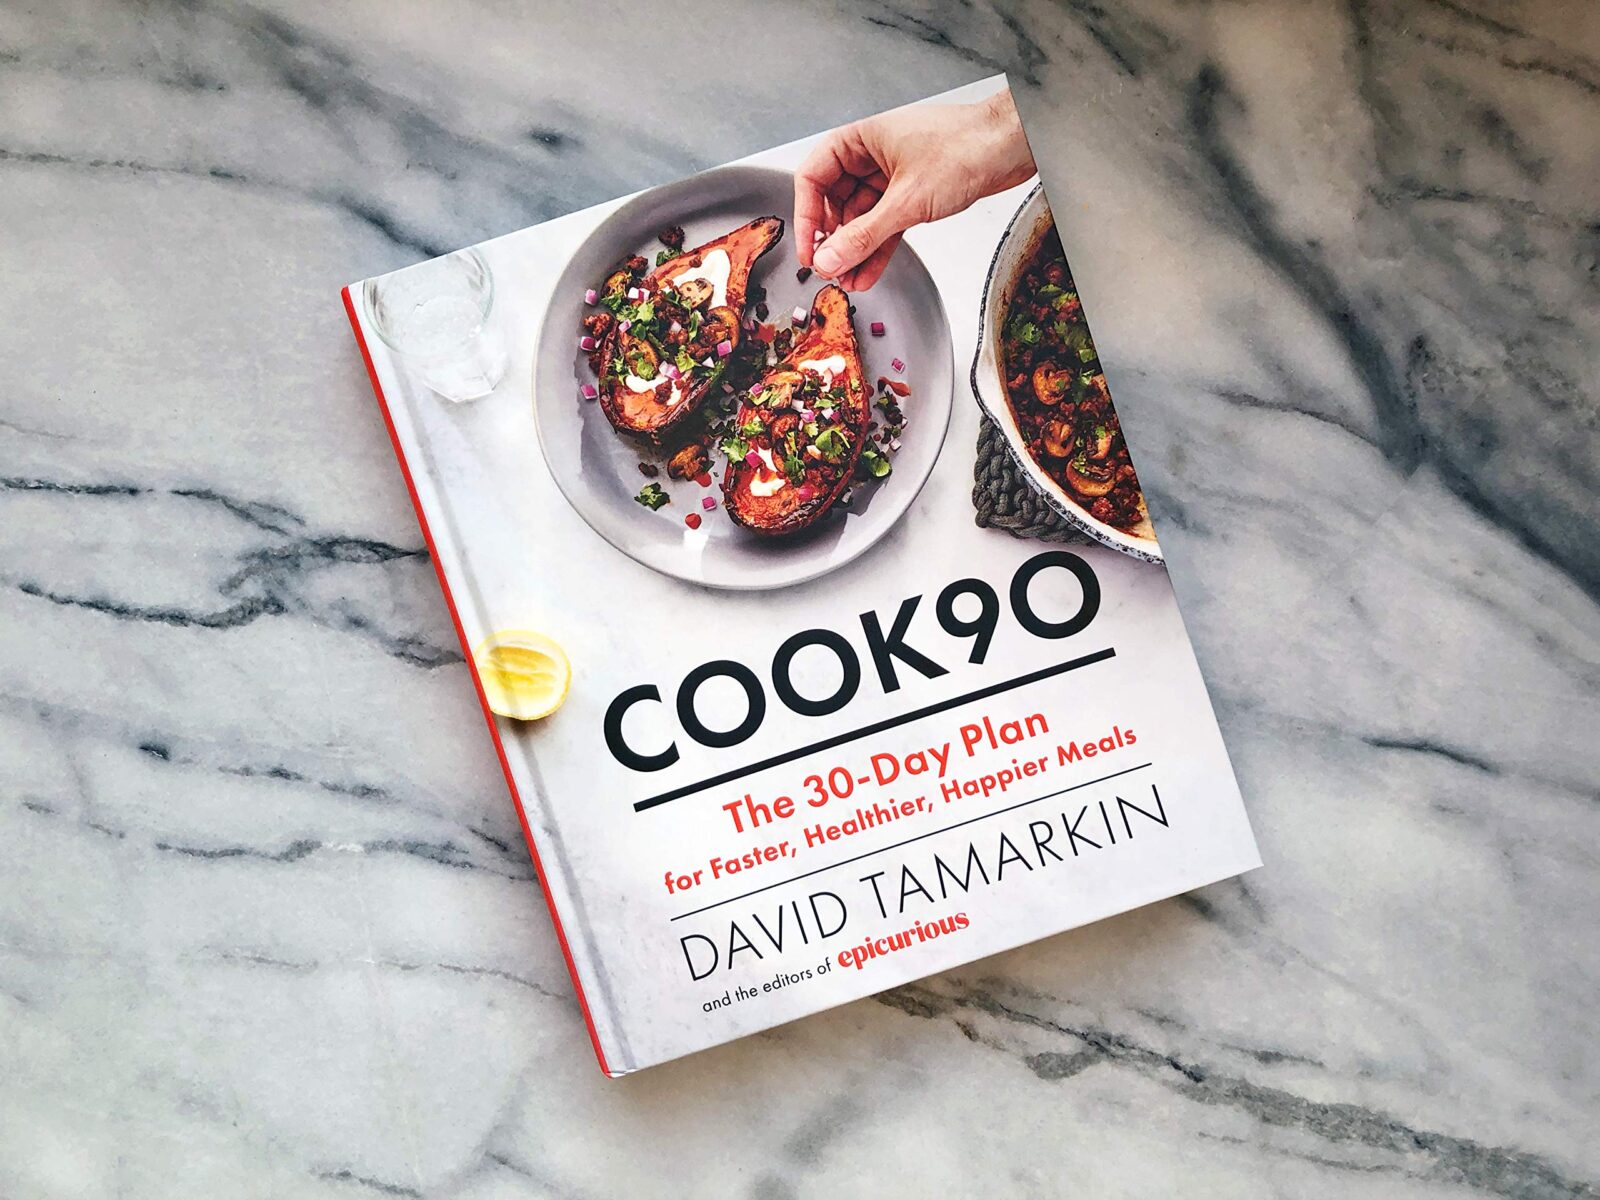 epicurious david tamarkin edit seven cookbooks january 2019